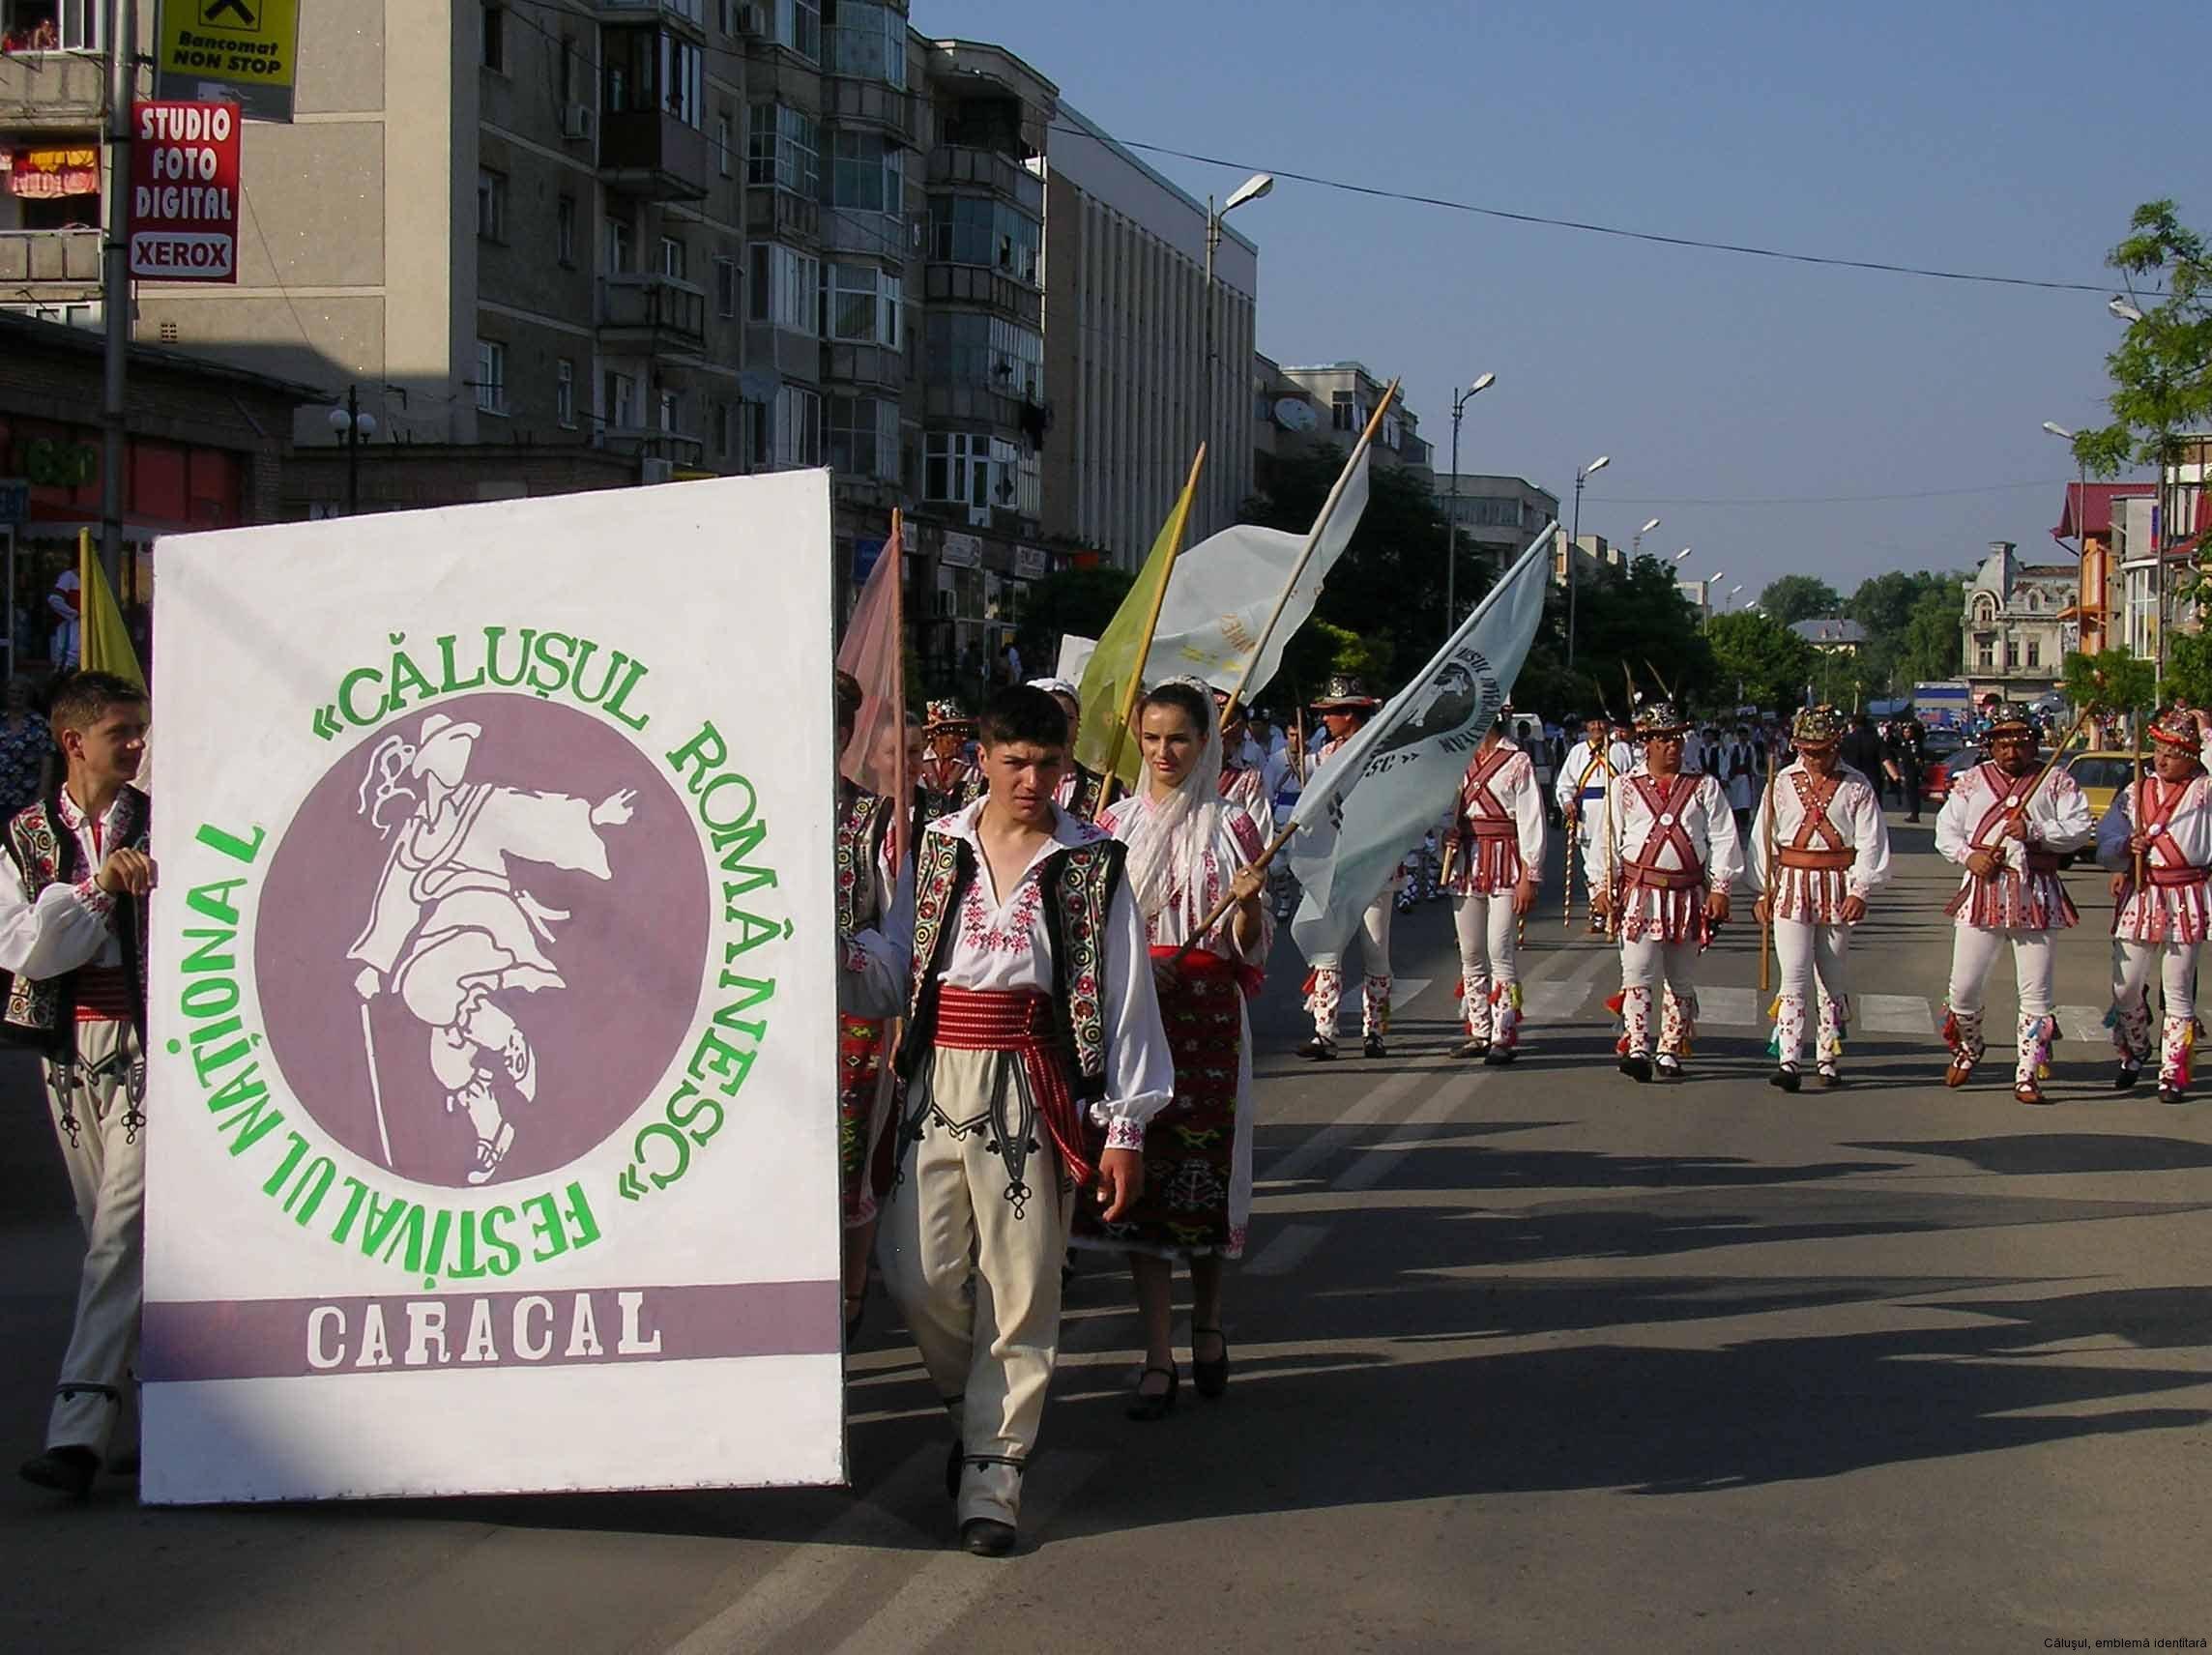 24-calus-Deschiderea-Festivalului-National-Calusul-Romanesc-Caracal-2006